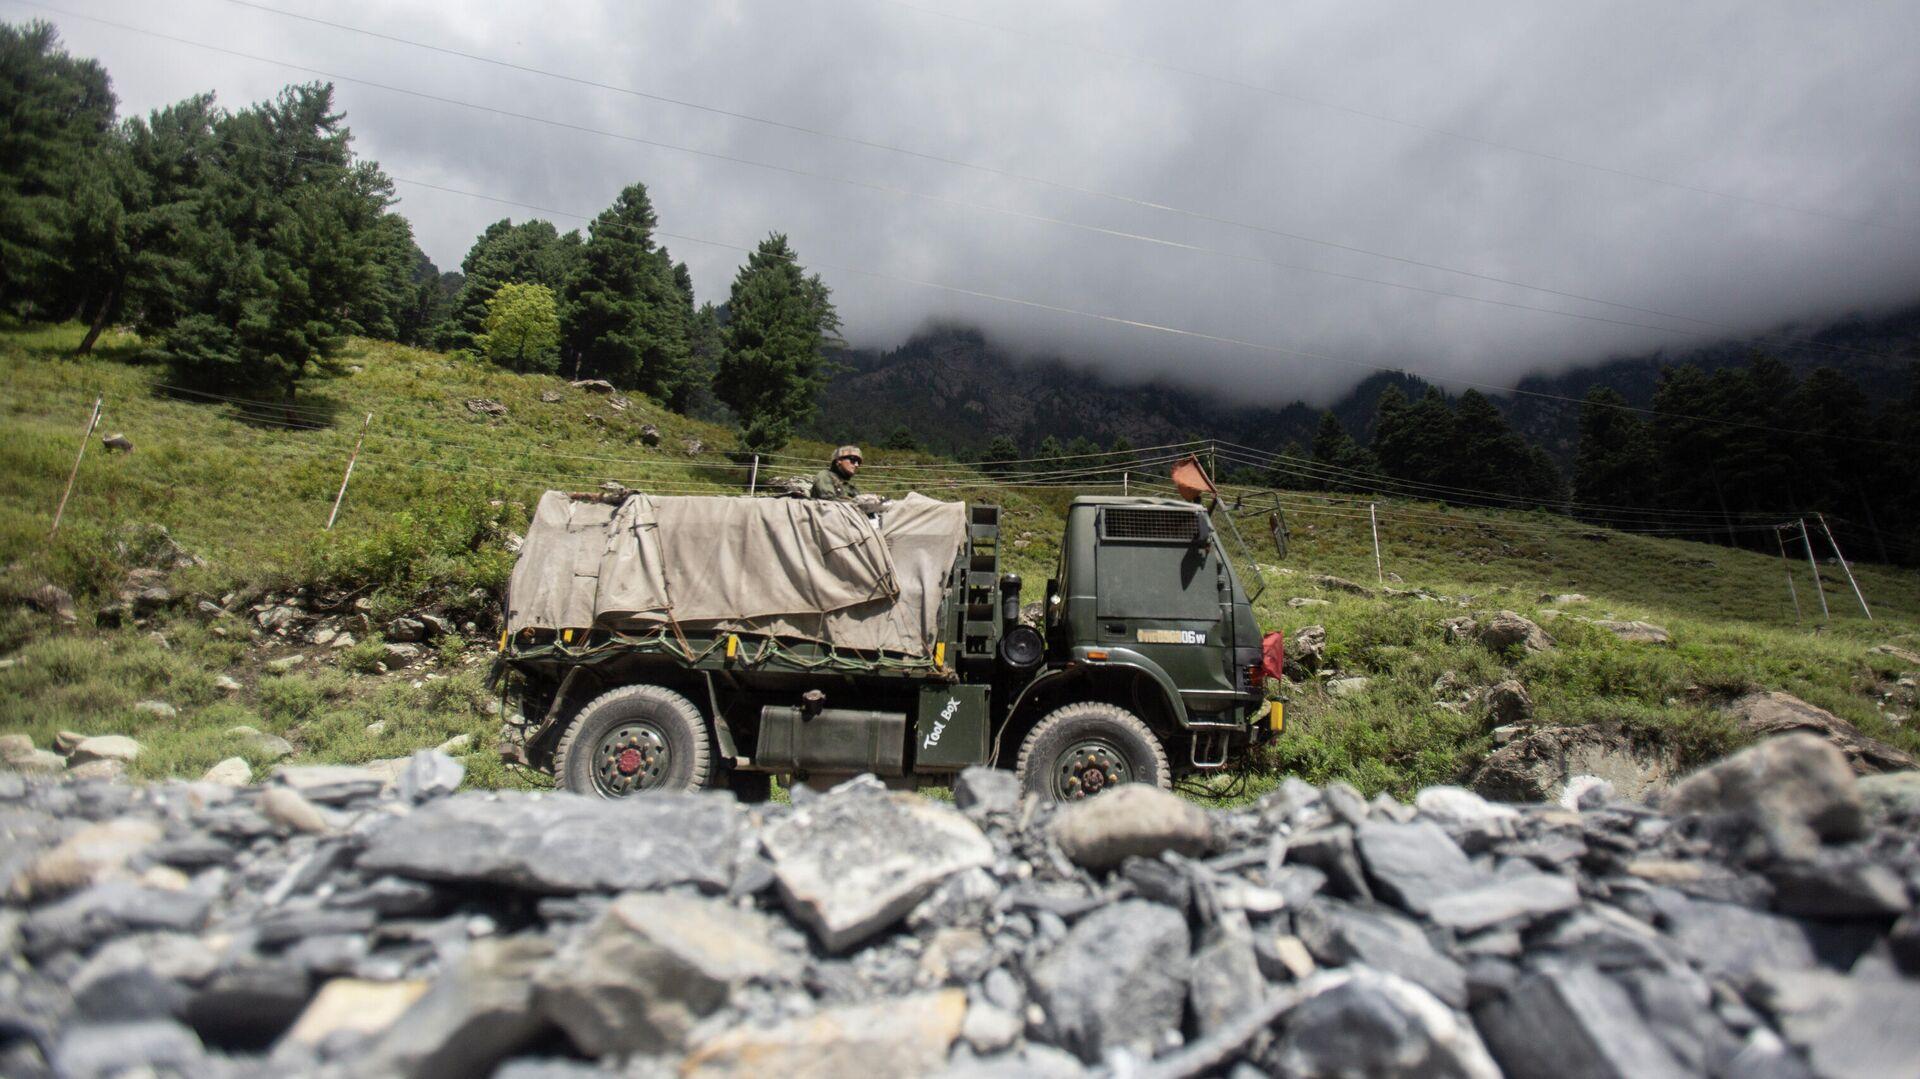 Индийский военный автомобиль на шоссе Сринагар-Ладакх в Гагангее,  Кашмир, контролируемый Индией - РИА Новости, 1920, 20.09.2021